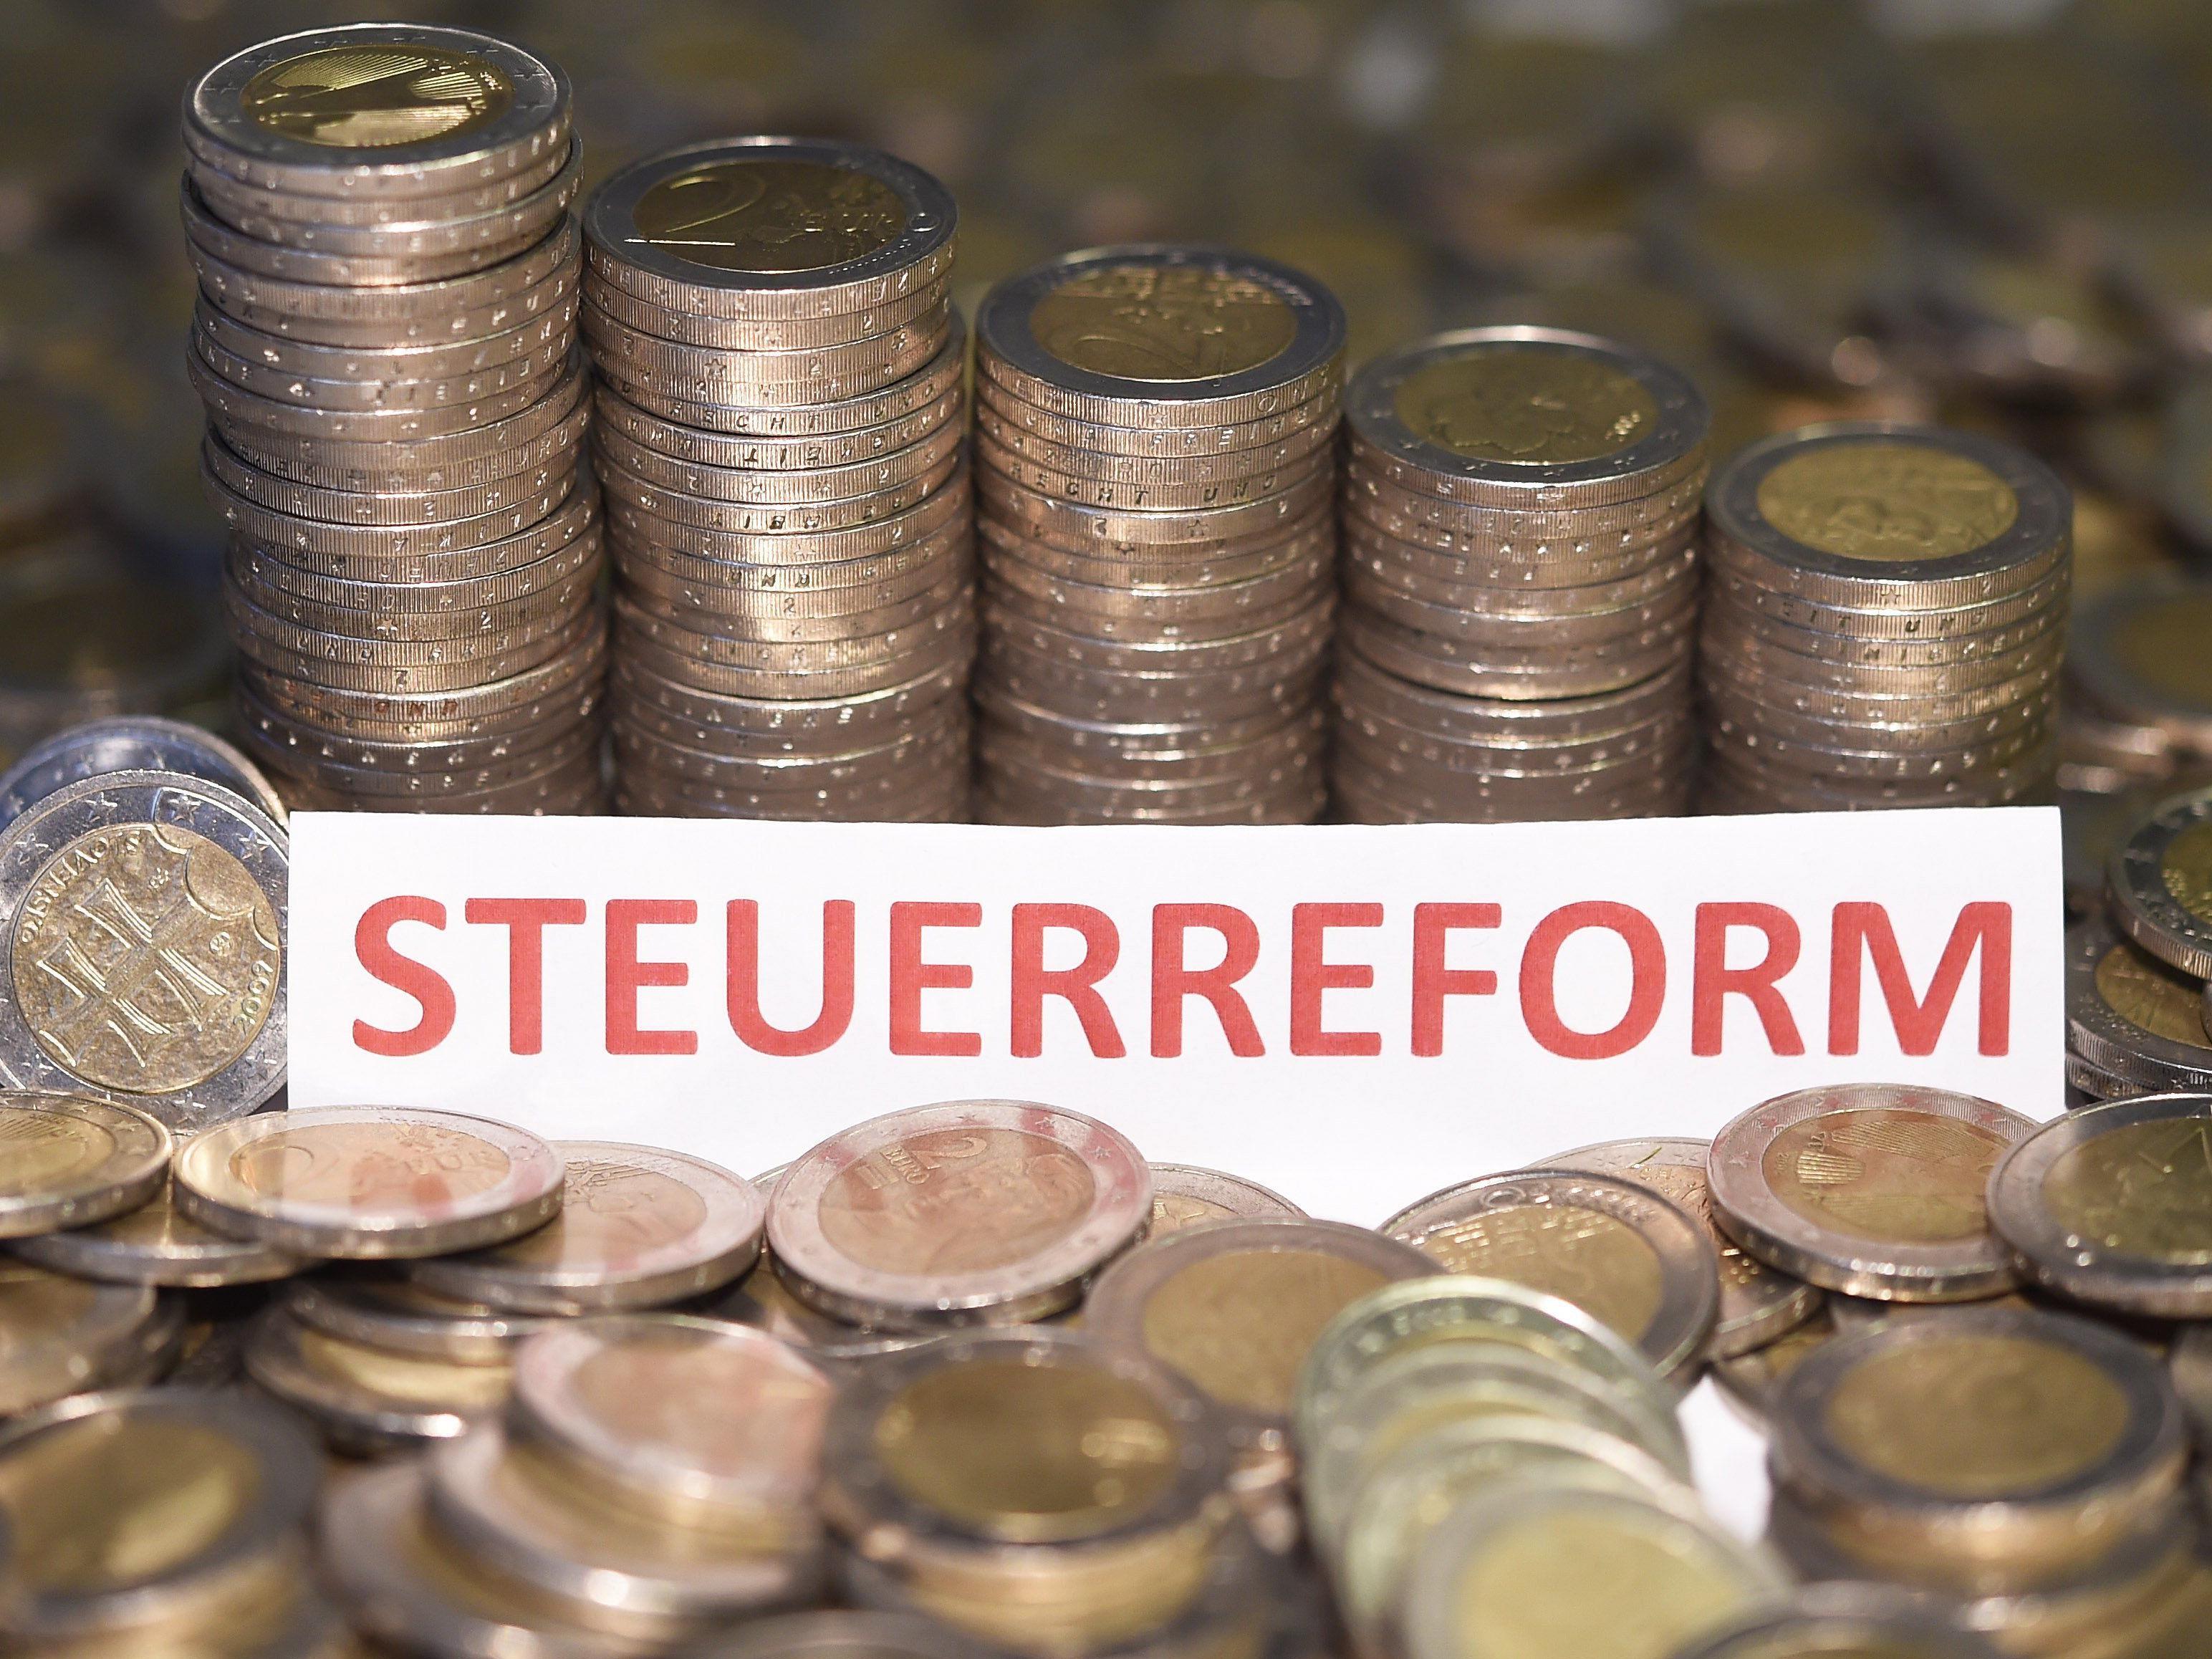 Die Neos stellen ihr Konzept einer Steuerreform vor.